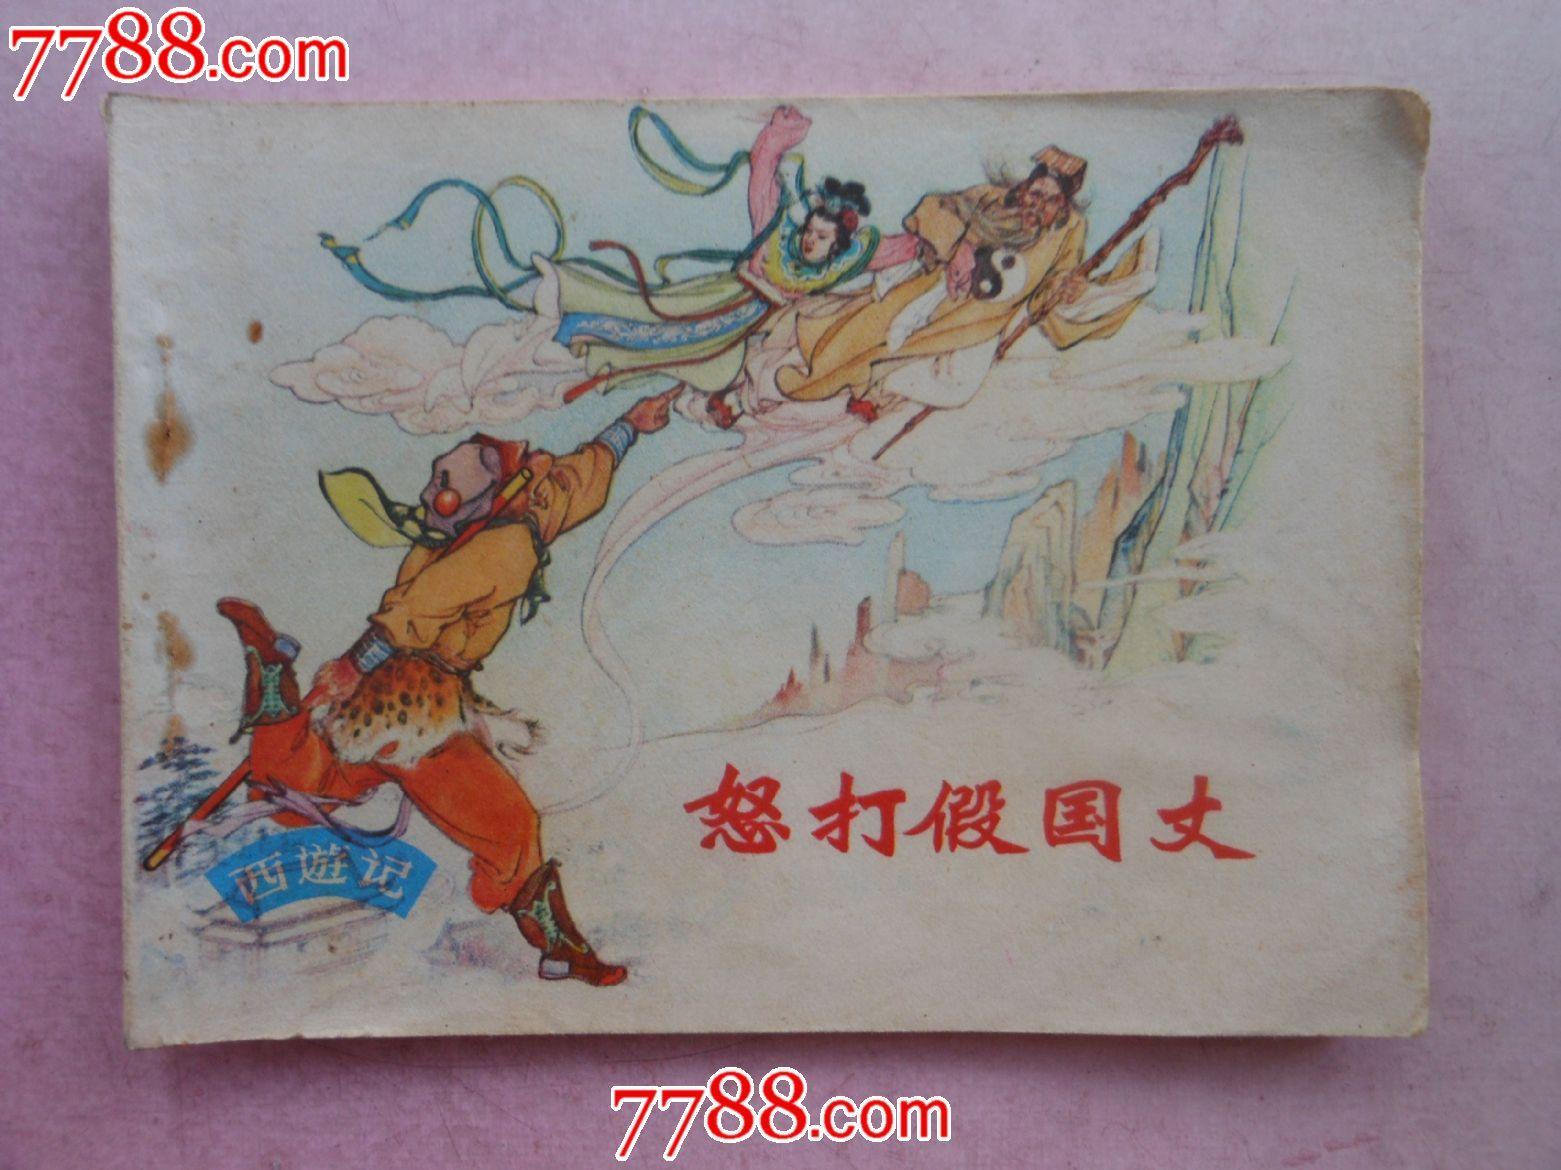 西游记故事·怒打假国丈,连环画/小人书,八十年代(20世纪),绘画版图片